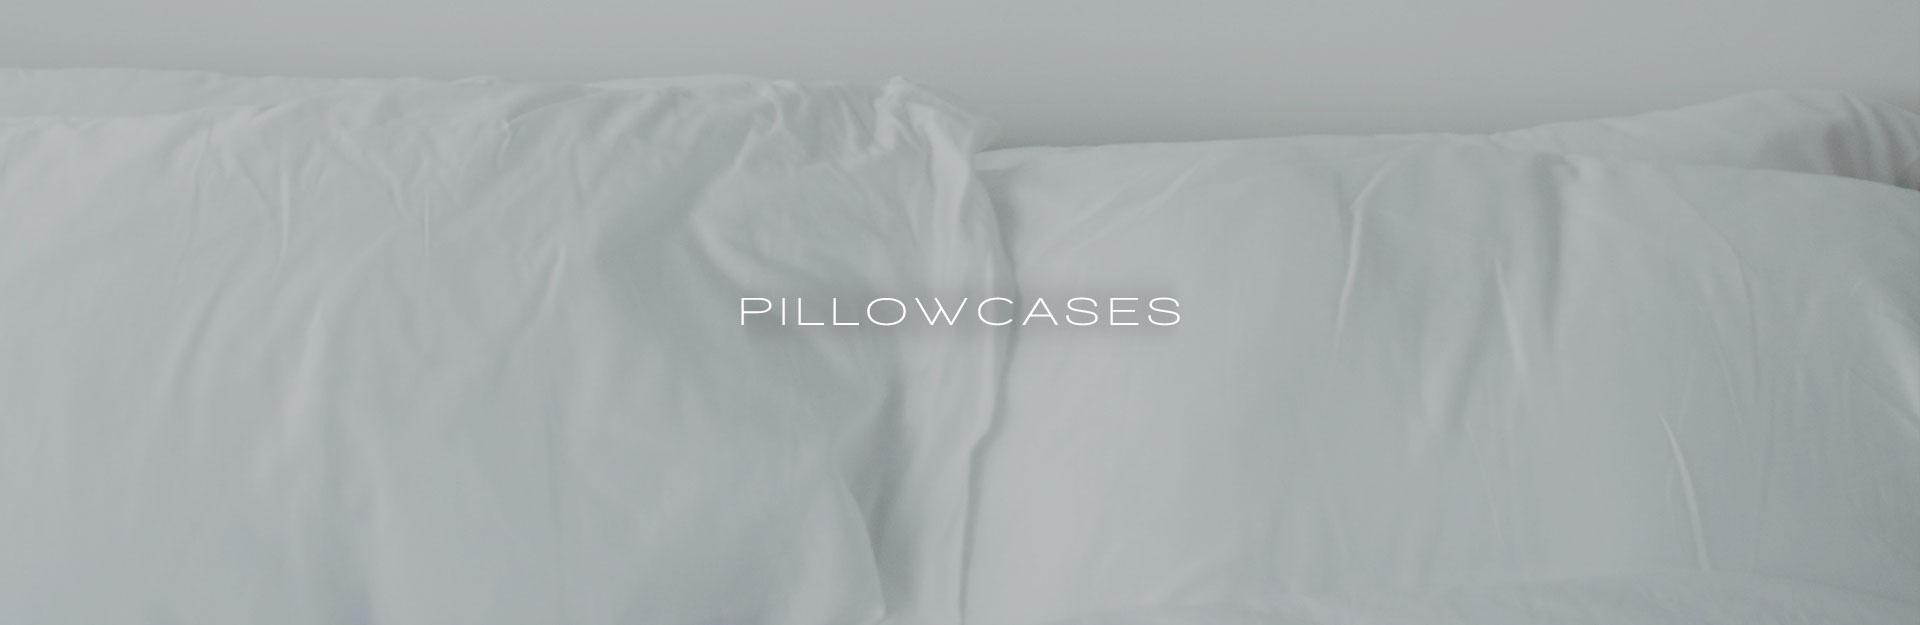 abh-pillowcases.jpg